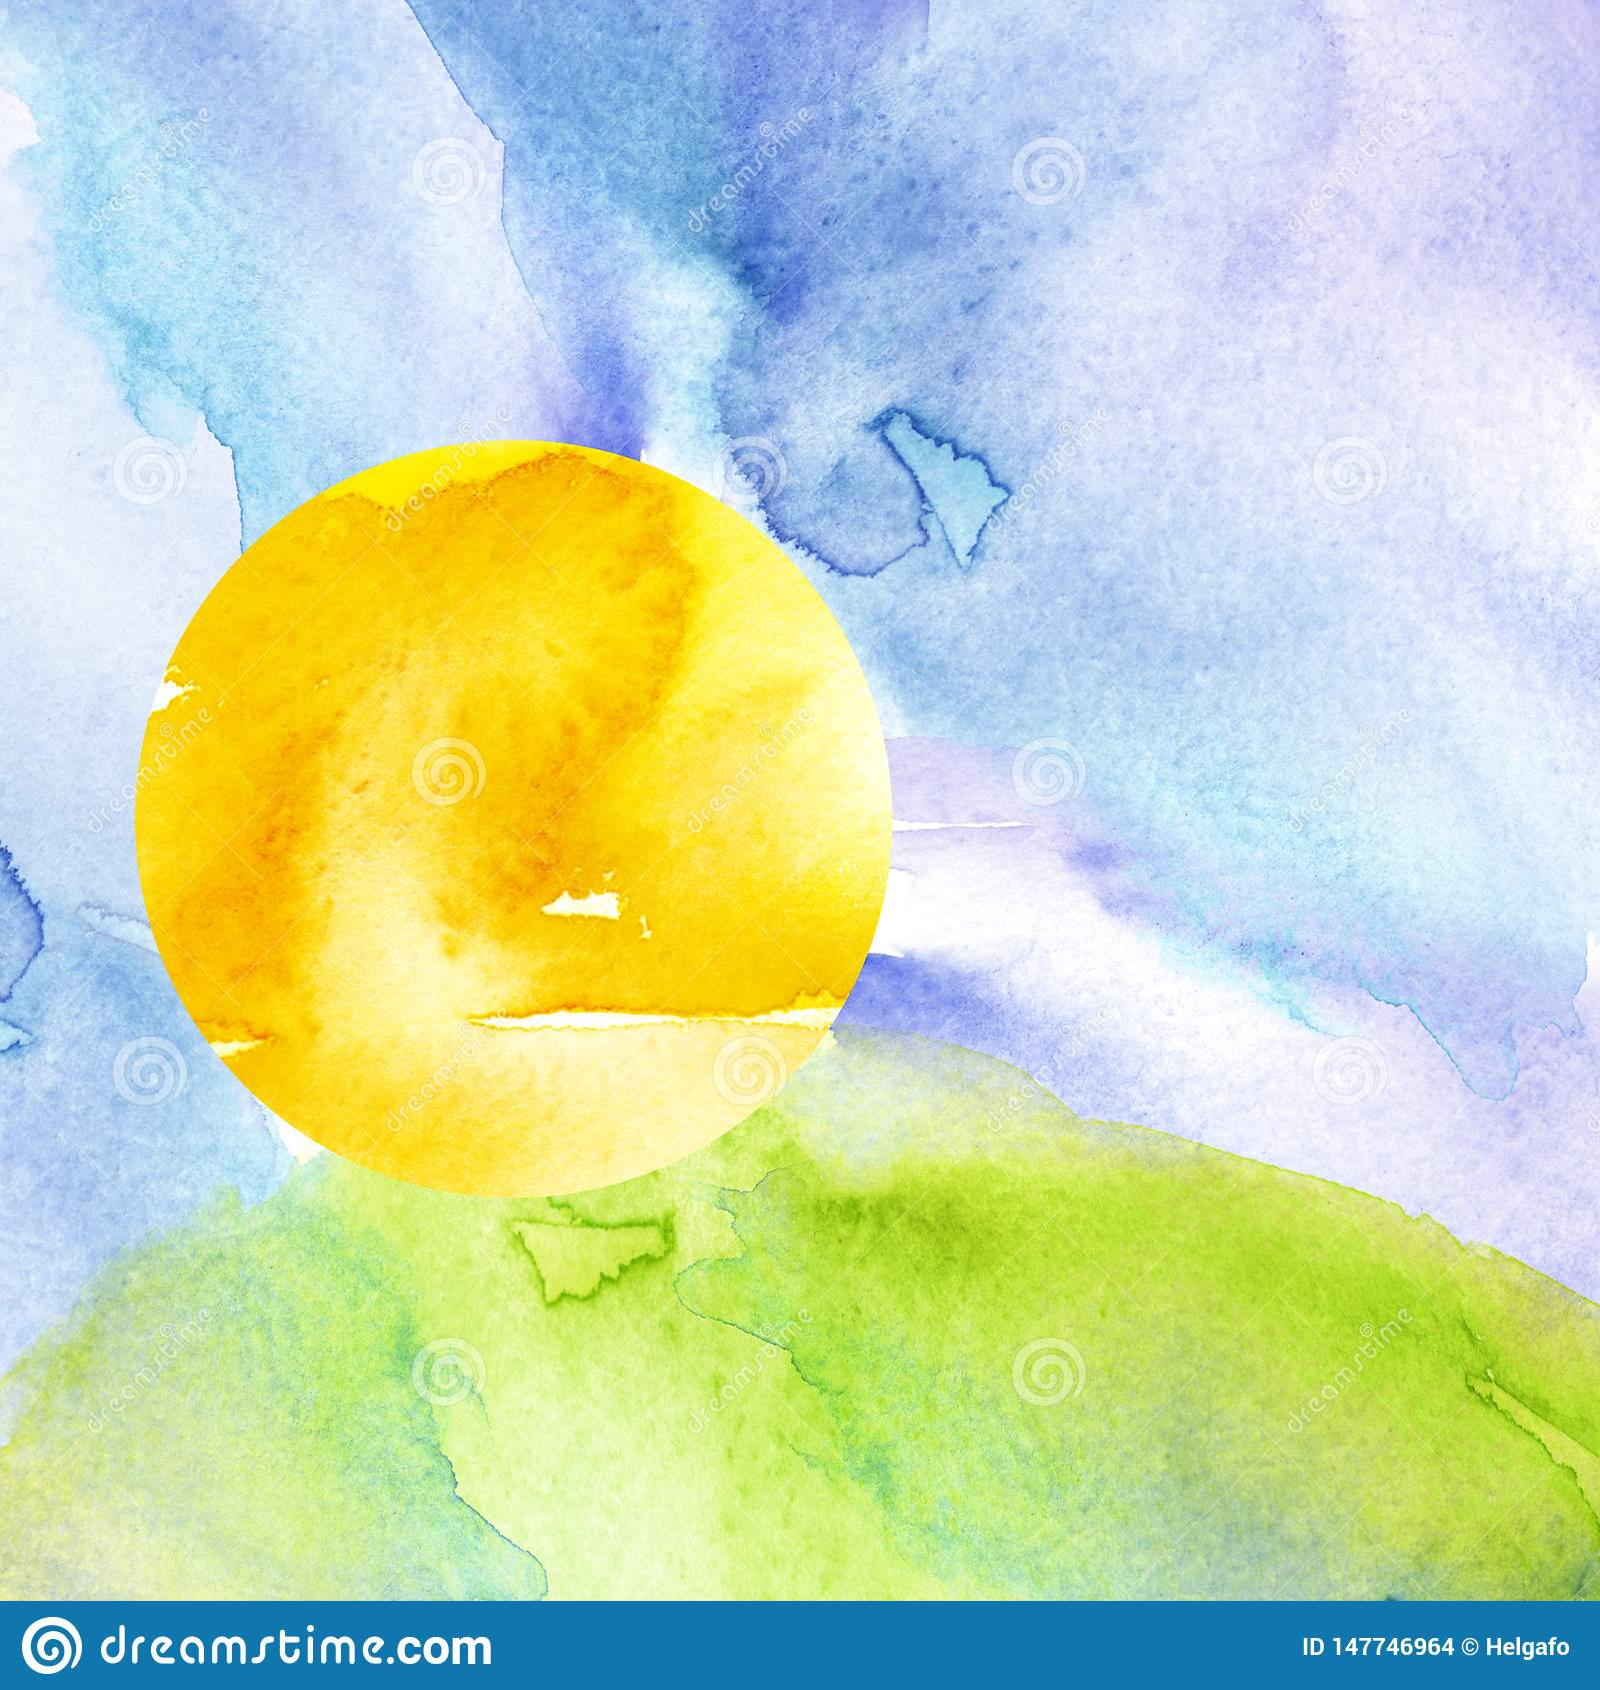 Ηλιοβασίλεμα, αυγή, κίτρινος, πορτοκαλής ήλιος, μπλε ουρανός με τα σύννεφα Πράσινη χλόη, λόφος